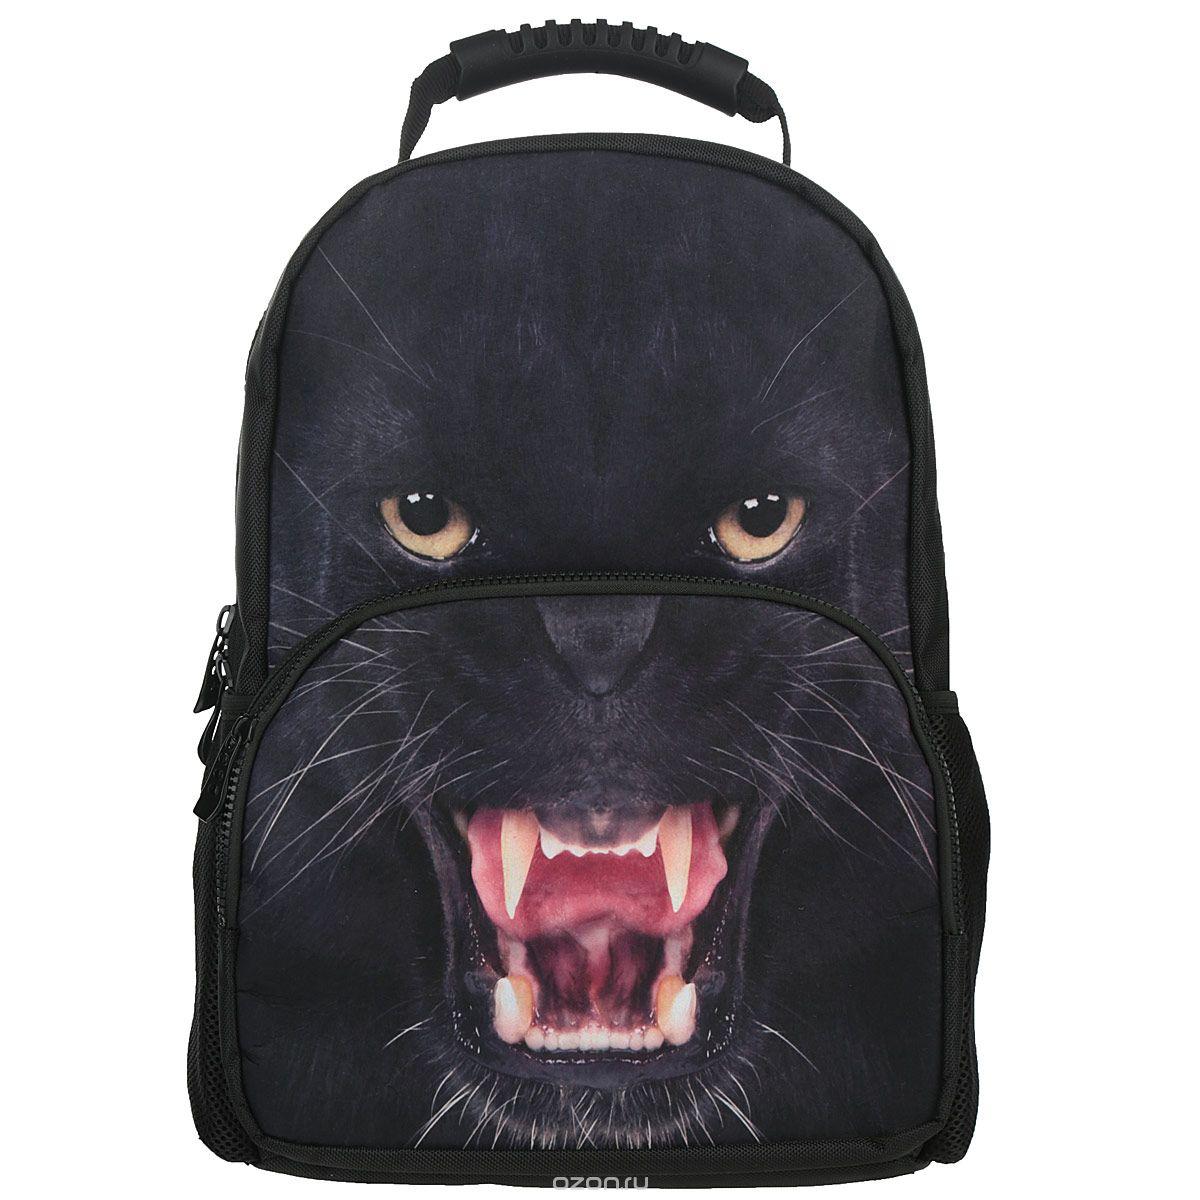 Рюкзак Trend Line PantherNR_00061Стильный школьный рюкзак Trend Line Panther выполнен из полиэстера, дополнен вставкой из флиса, которая оформлена художественной печатью с изображением пантеры. Рюкзак имеет одно основное отделение, закрывающееся на застежку-молнию. Снаружи, на лицевой стороне, рюкзака размещен накладной карман на молнии, внутри которого предусмотрен еще один накладной карман на липучке. С двух сторон изделия расположены два накладных сетчатых кармашка. В верхней части изделия предусмотрена эргономичная ручка для переноски, а также предусмотрены регулируемые лямки. Такой рюкзак станет незаменимым спутником вашего ребенка в походах за знаниями.